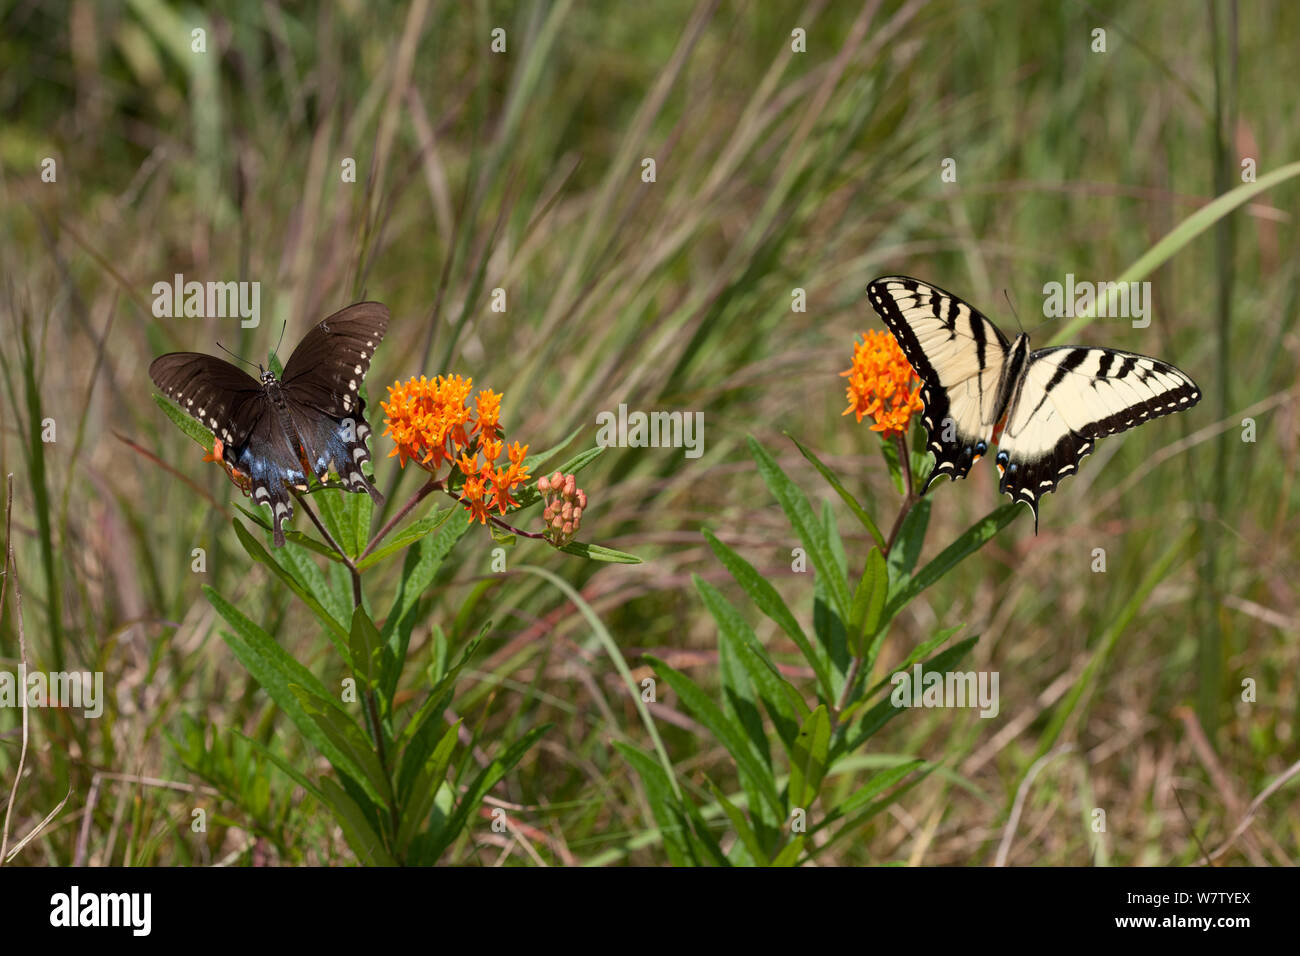 Papilio glaucus y Spicebush especie (Papilio Troilo) sobre mariposas, Francés de maleza Creek State Park, Berks County, Pennsylvania, Estados Unidos, Agosto. Foto de stock